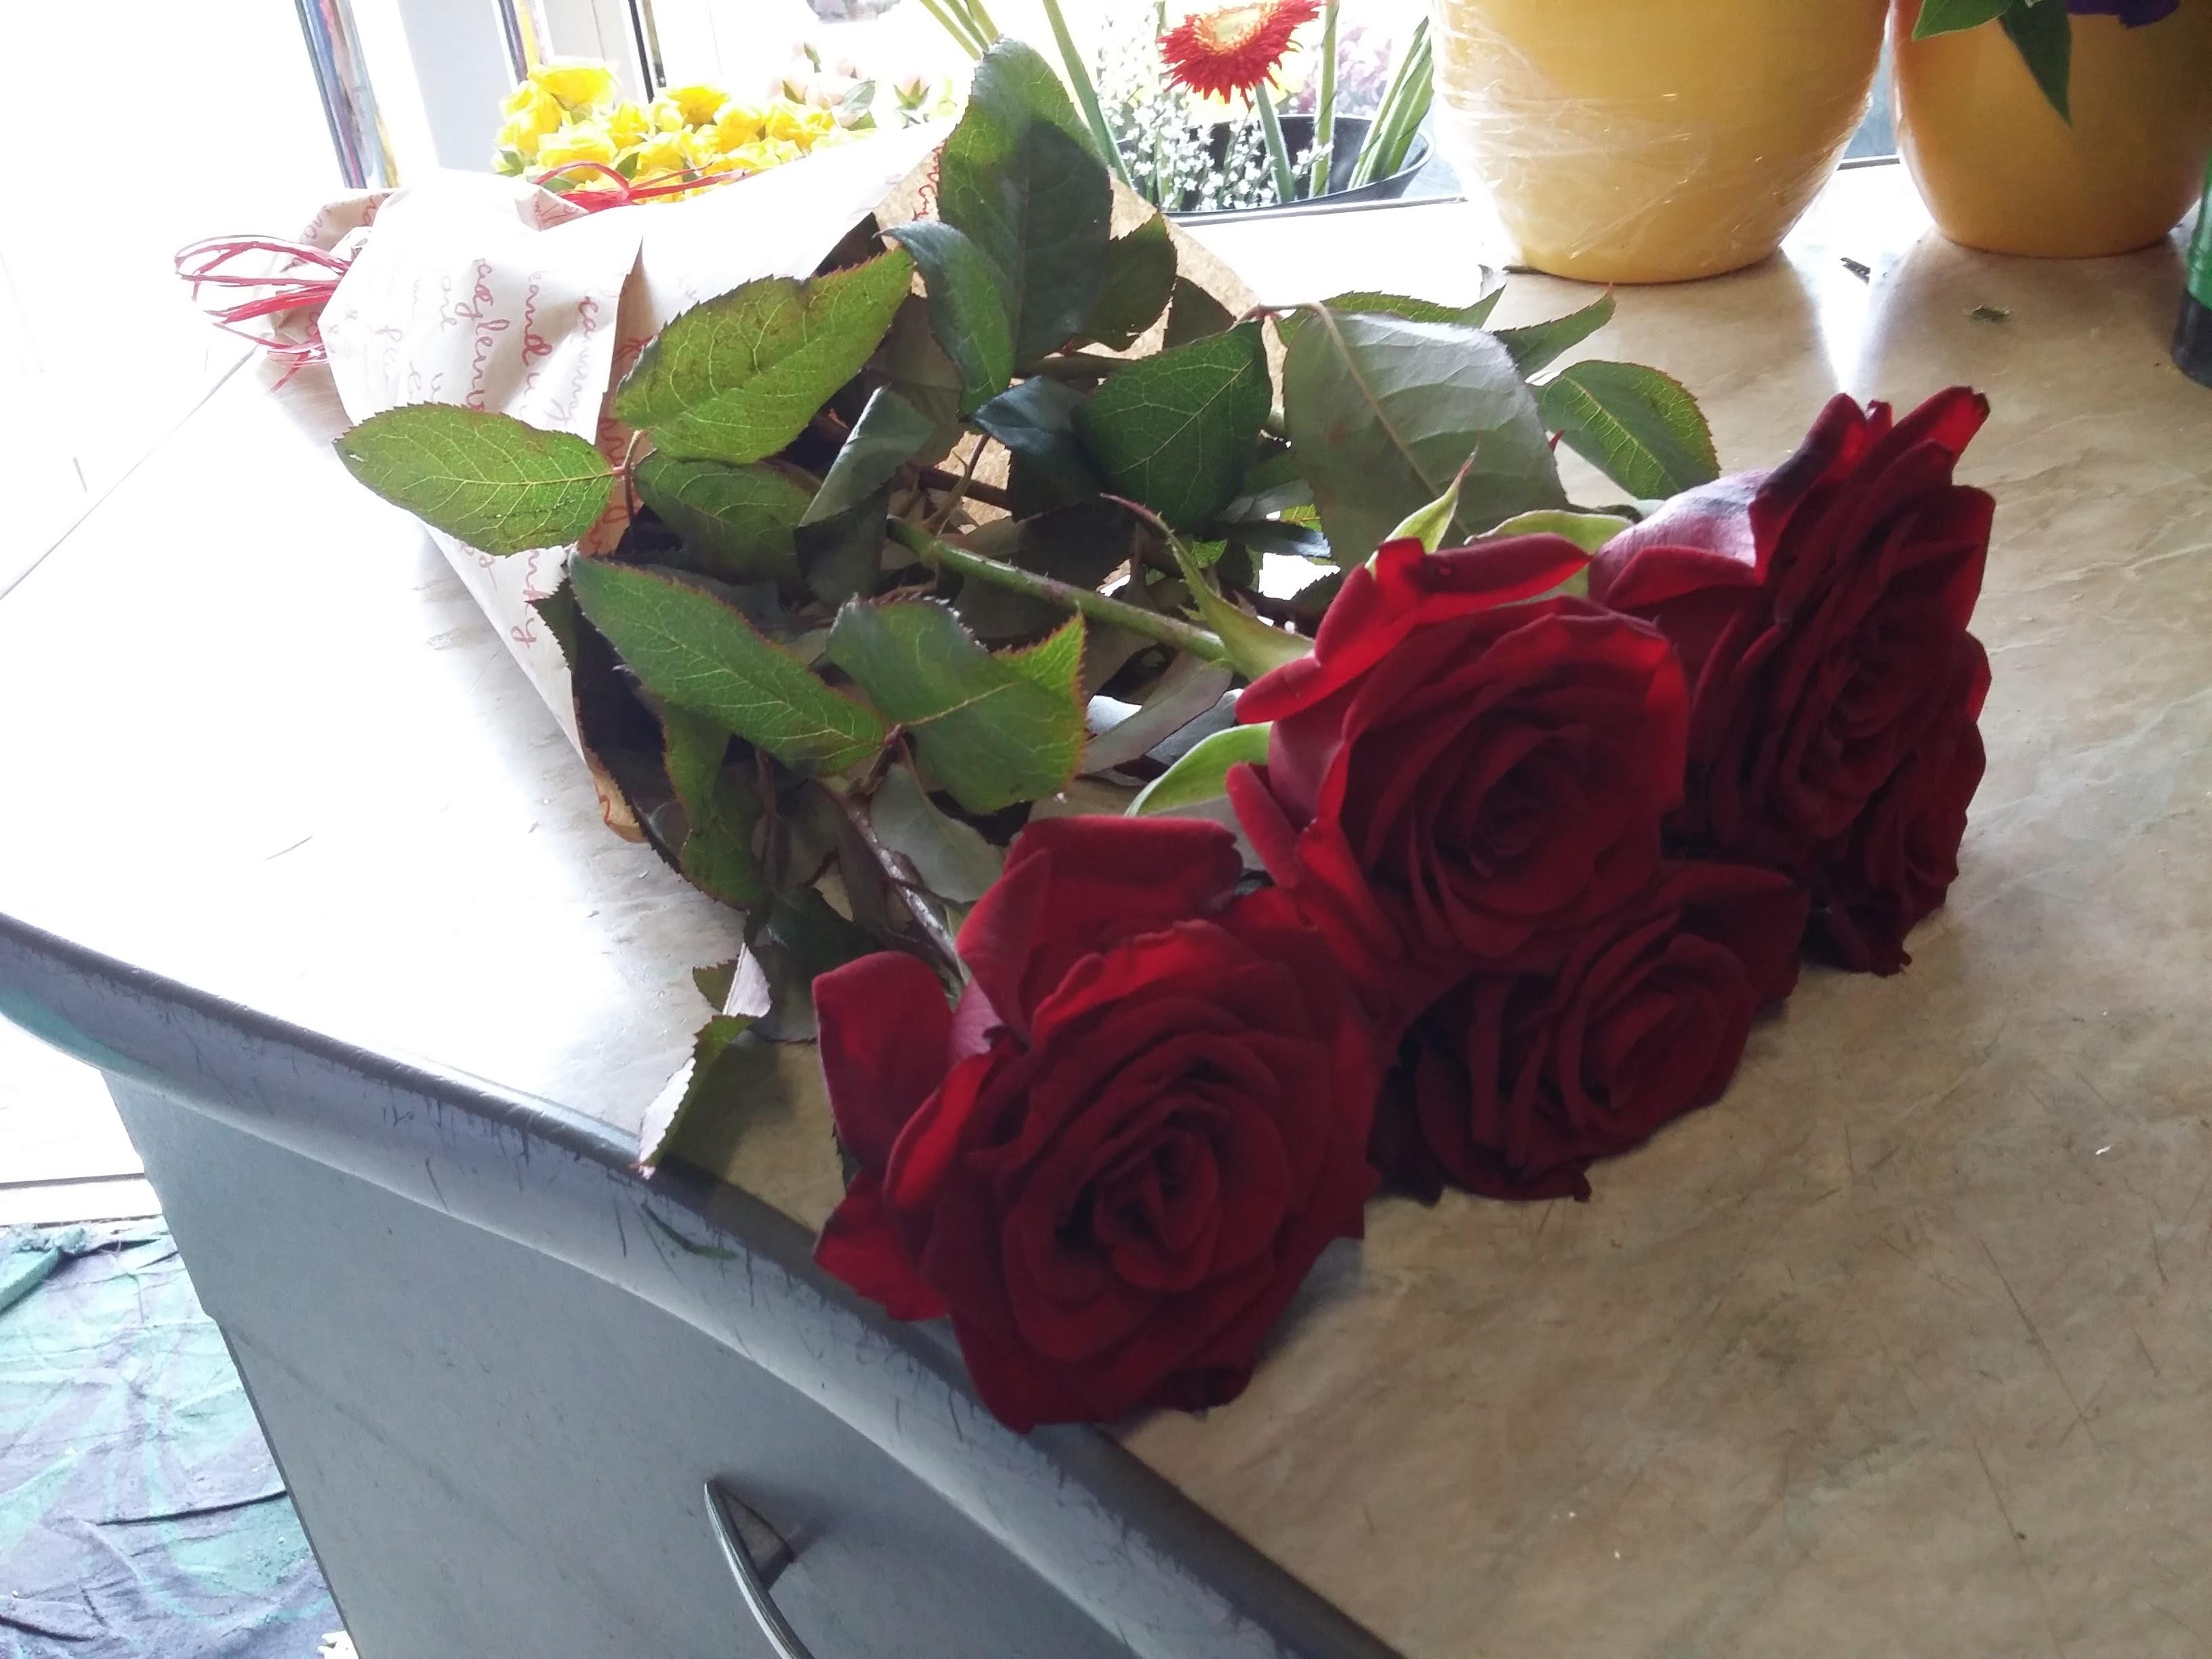 фото цветов на столе дома рады возможности высказать